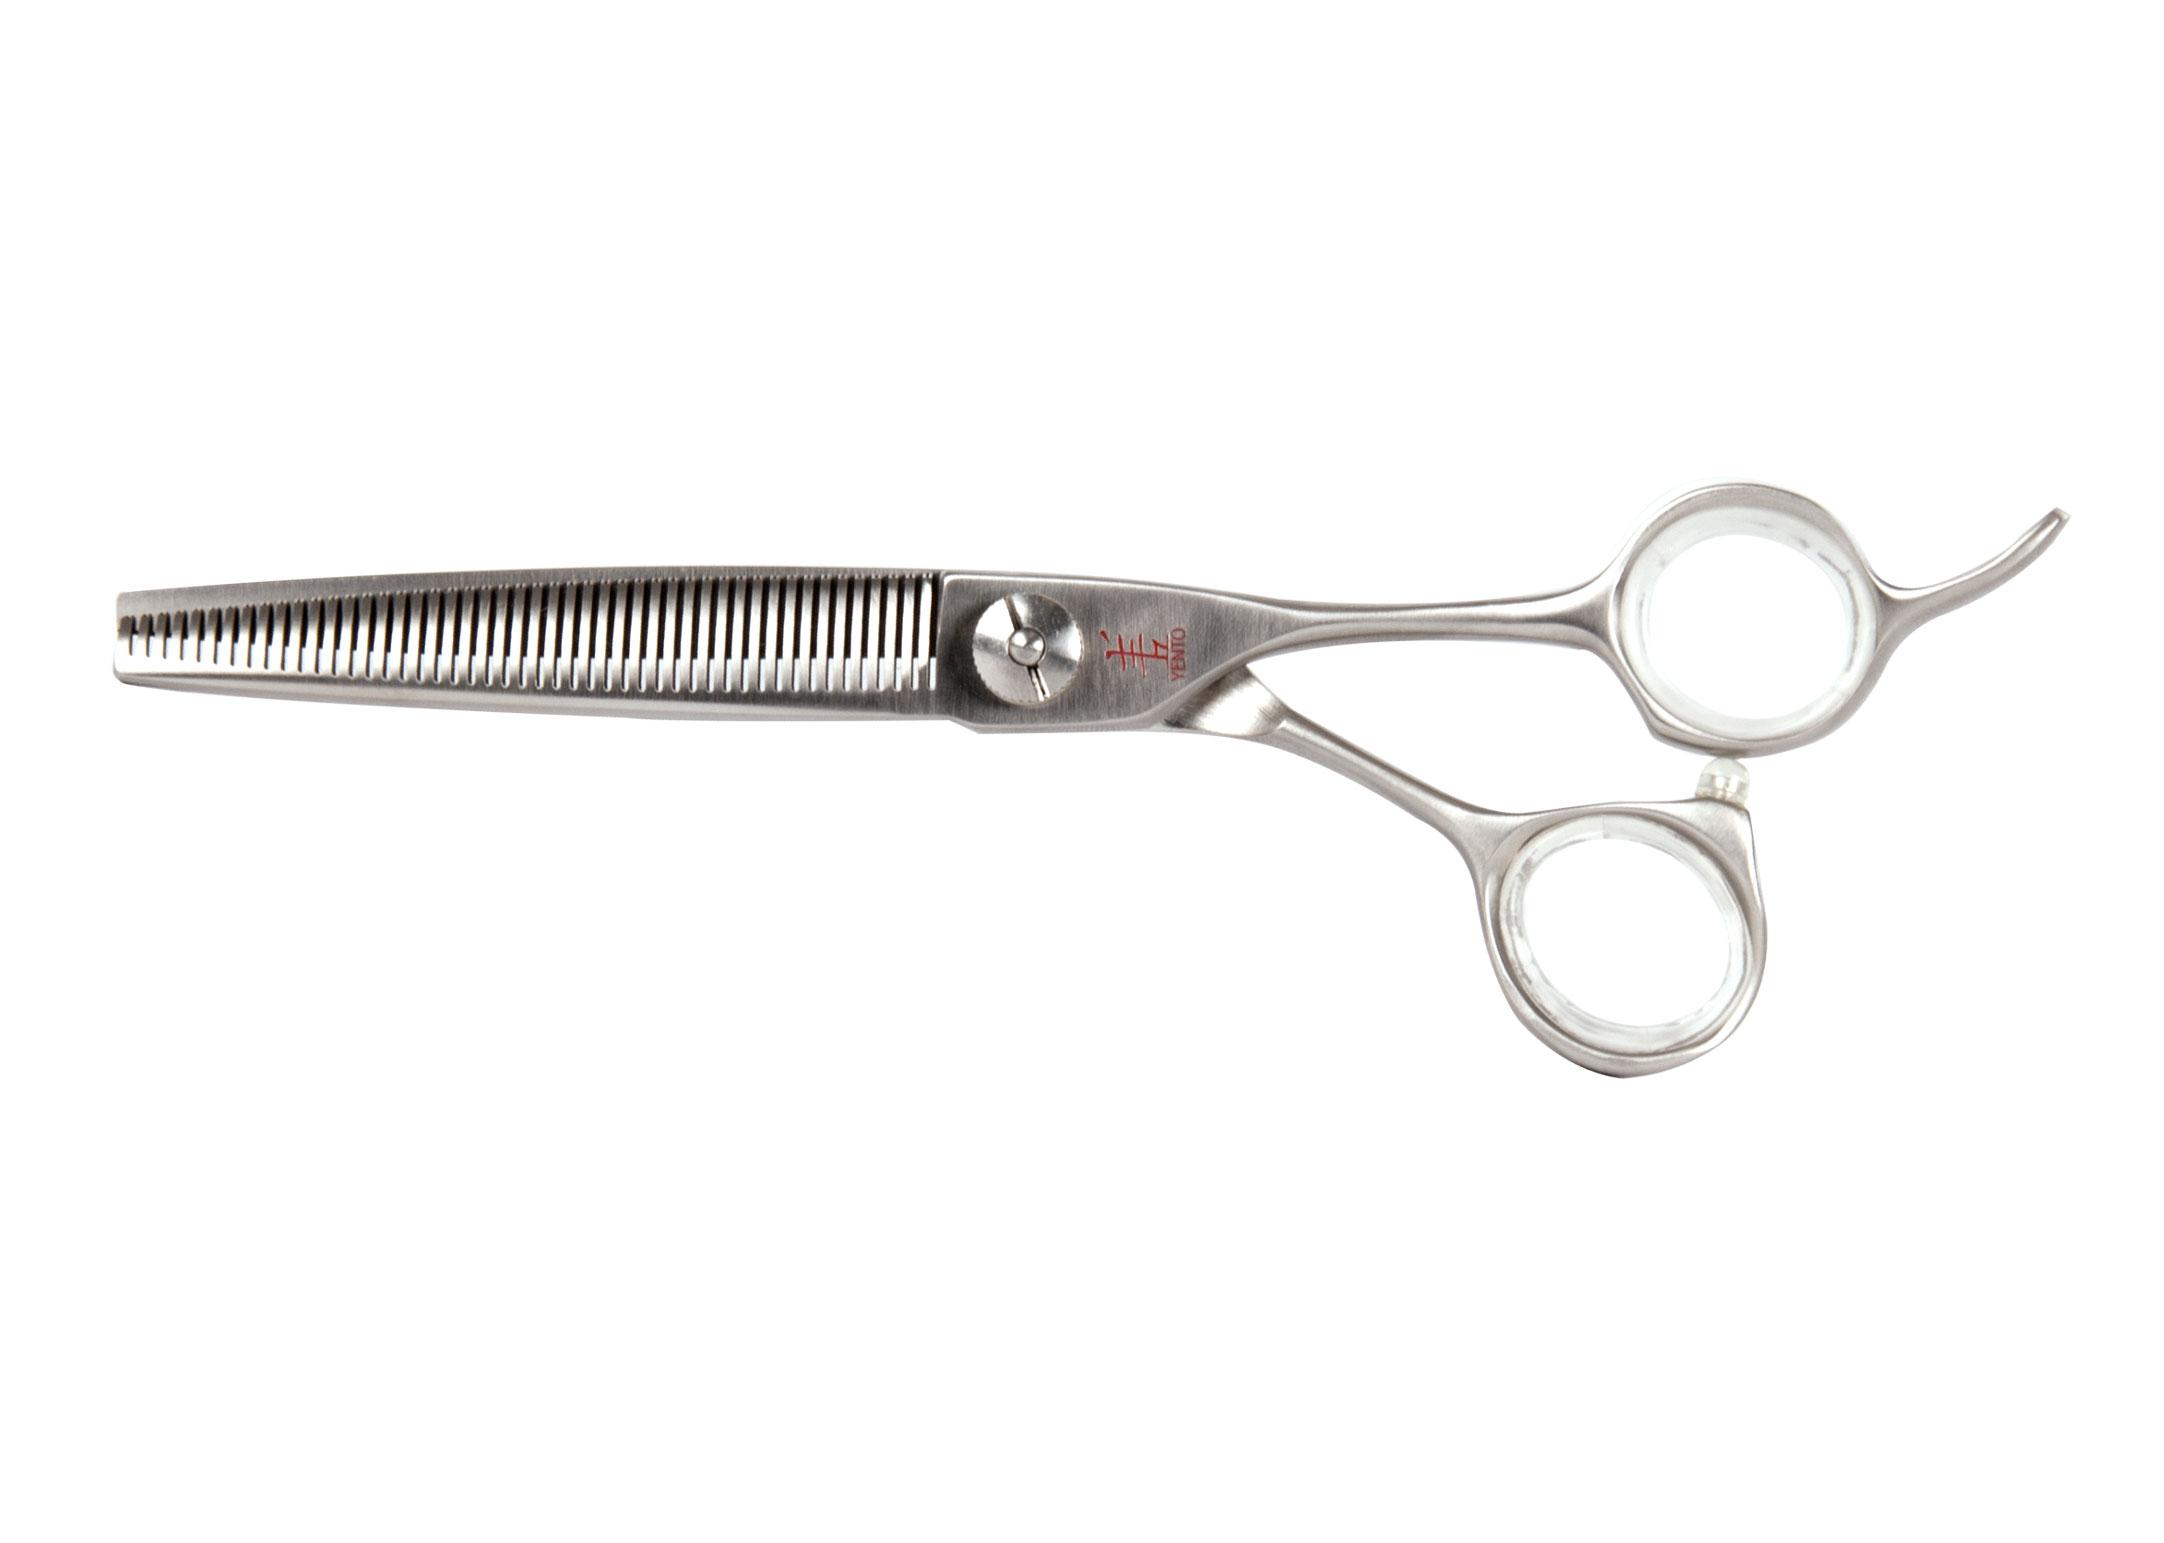 Yento Ergo Line Series 16,50cm - 6 1/2'' Ciseaux Sculpteur 48 Dents